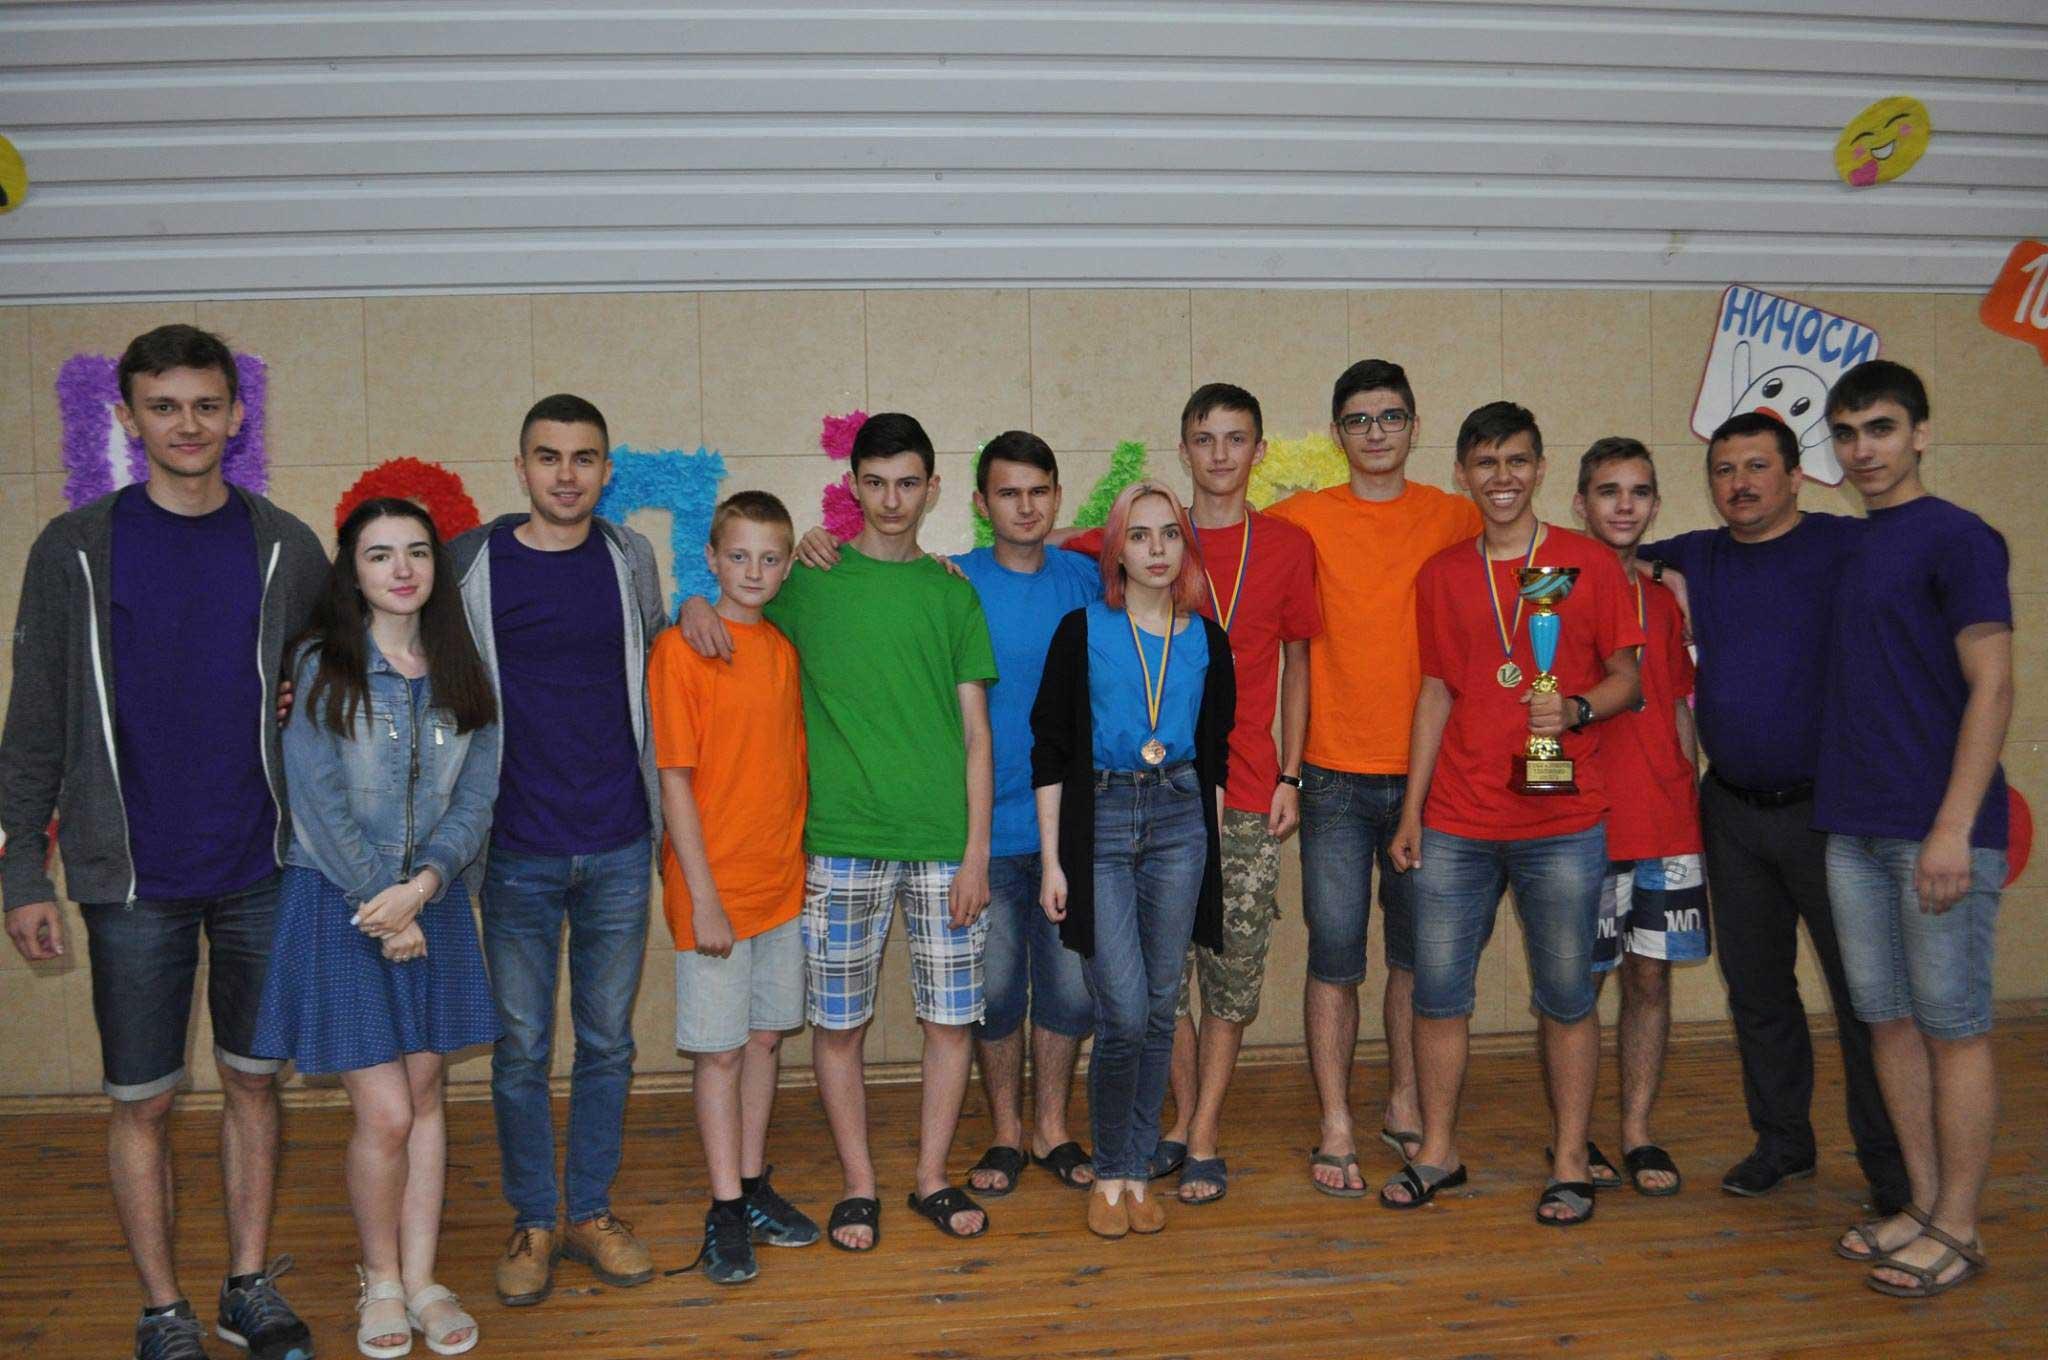 Закарпатська команда в Кременчуці. Станіслав Томаш - четвертий справа